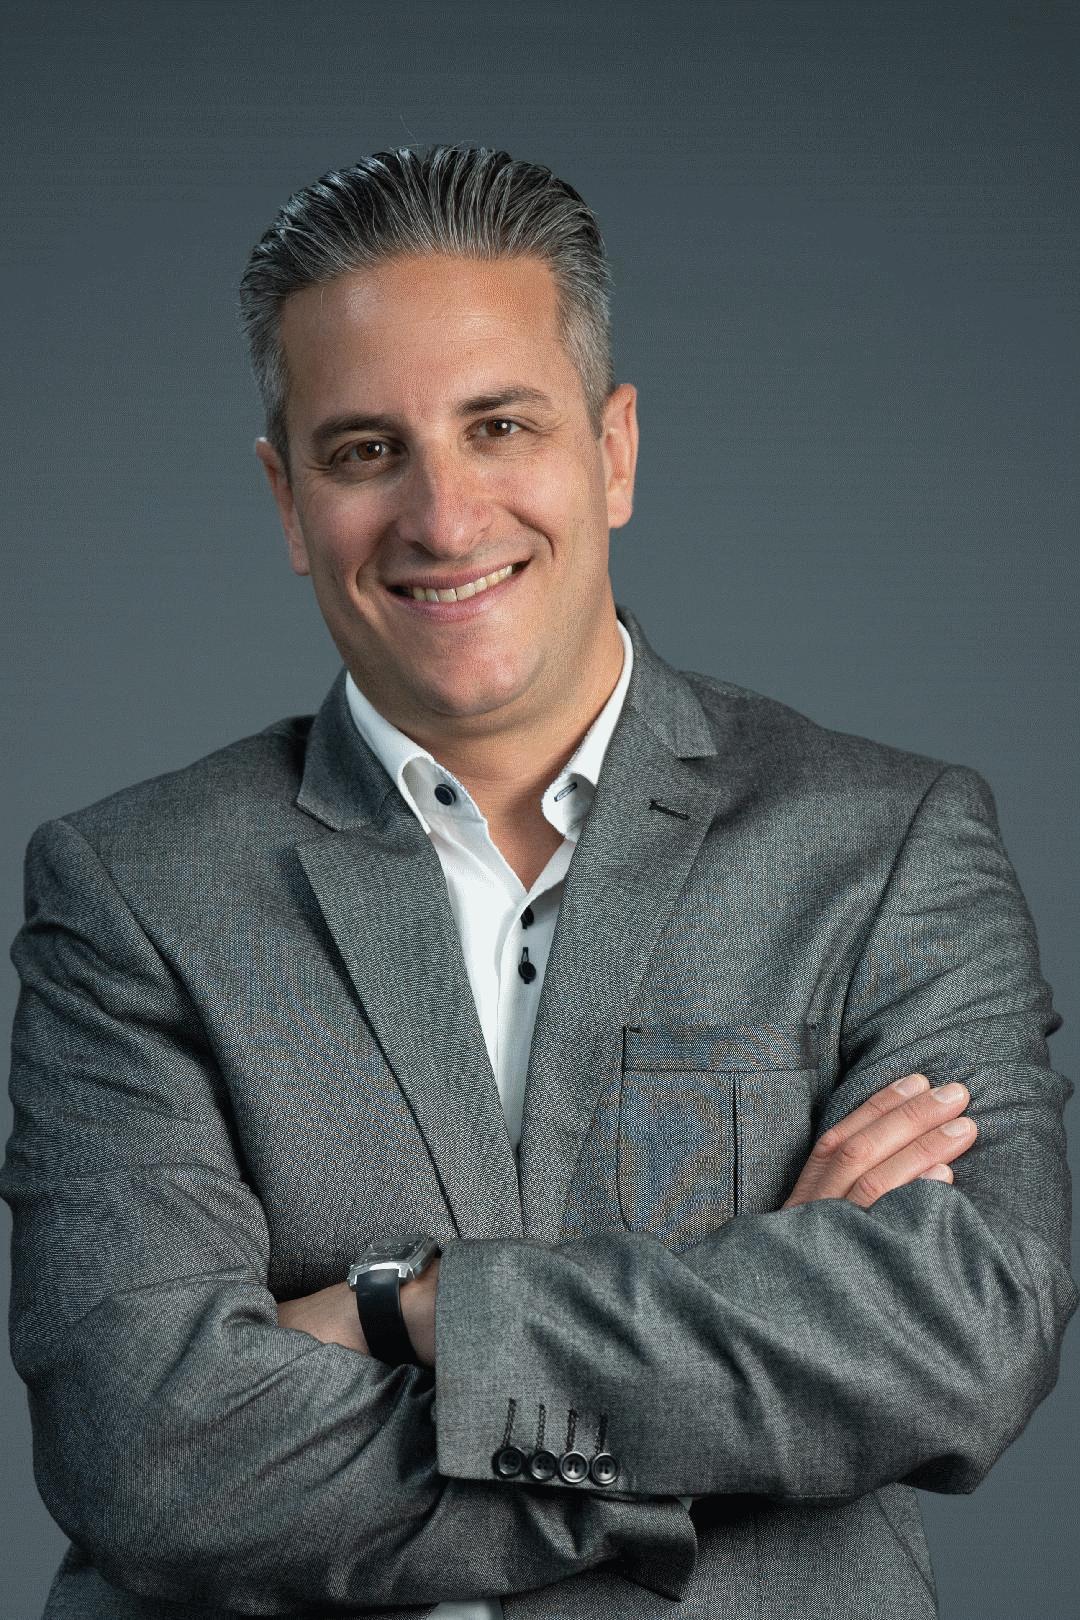 Ilan Kaplan